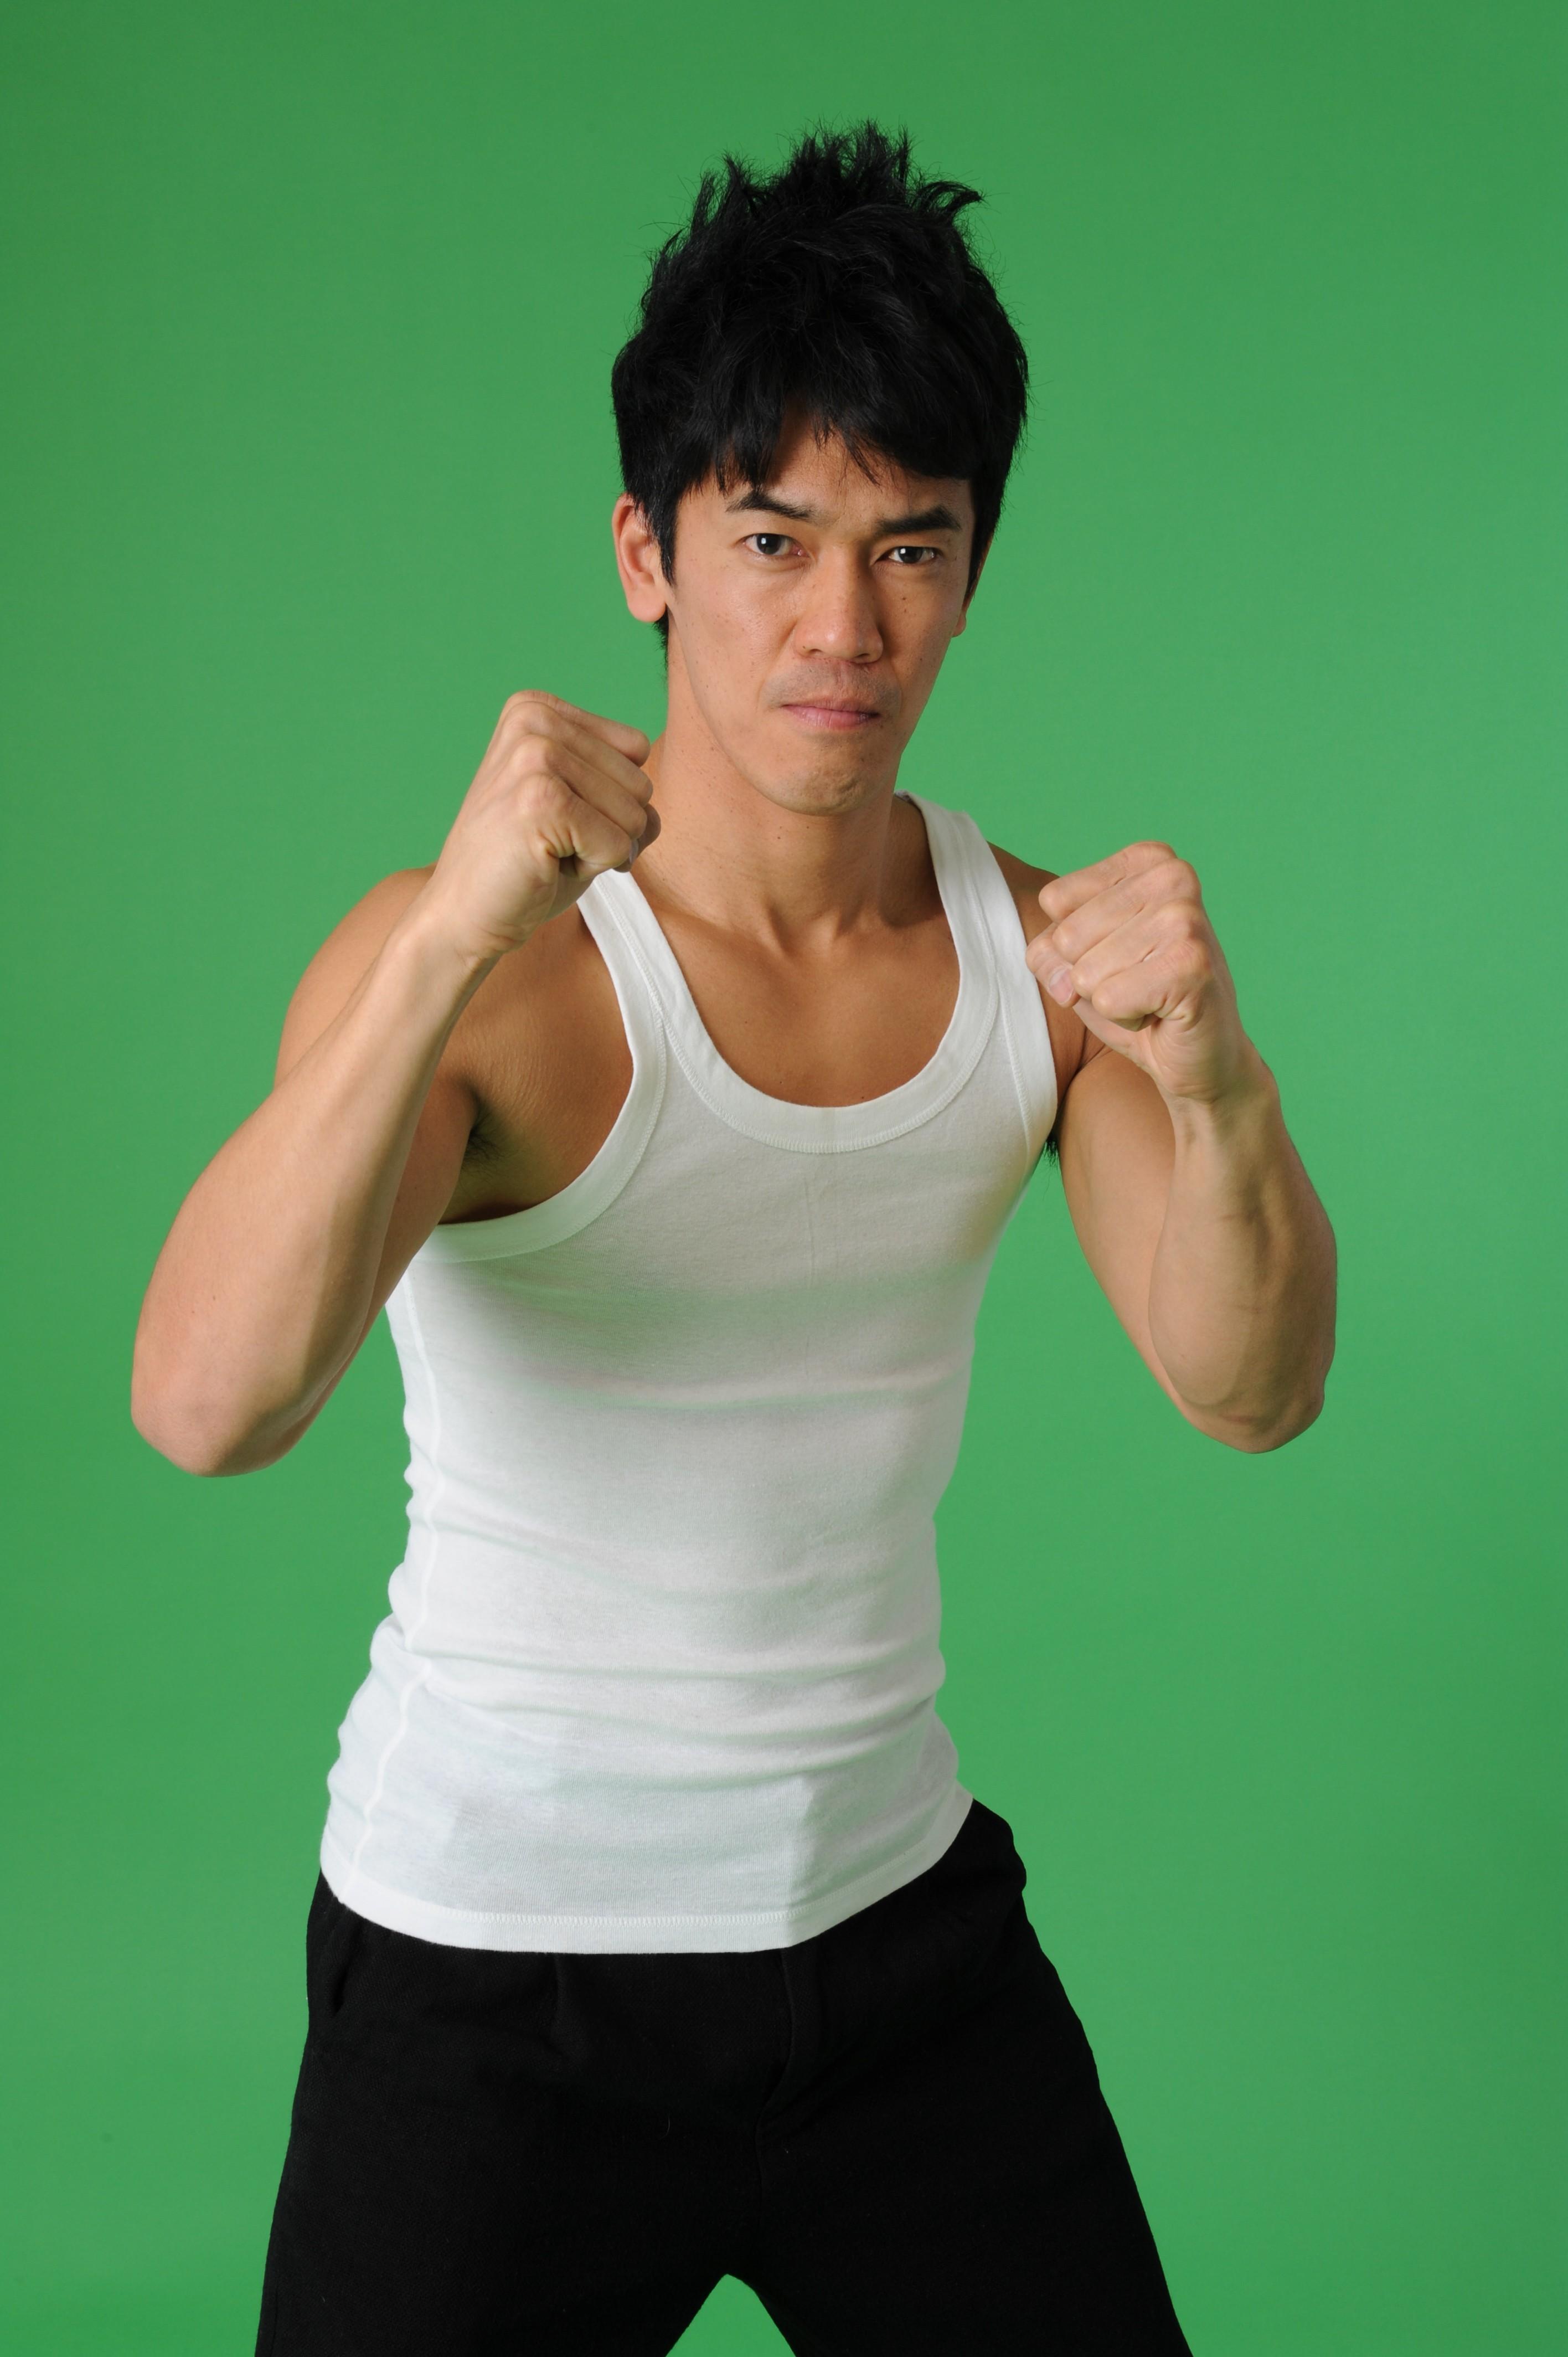 武井壮の睡眠時間が短い!トレーニング・筋トレで鍛えた筋肉のおかげ?のサムネイル画像